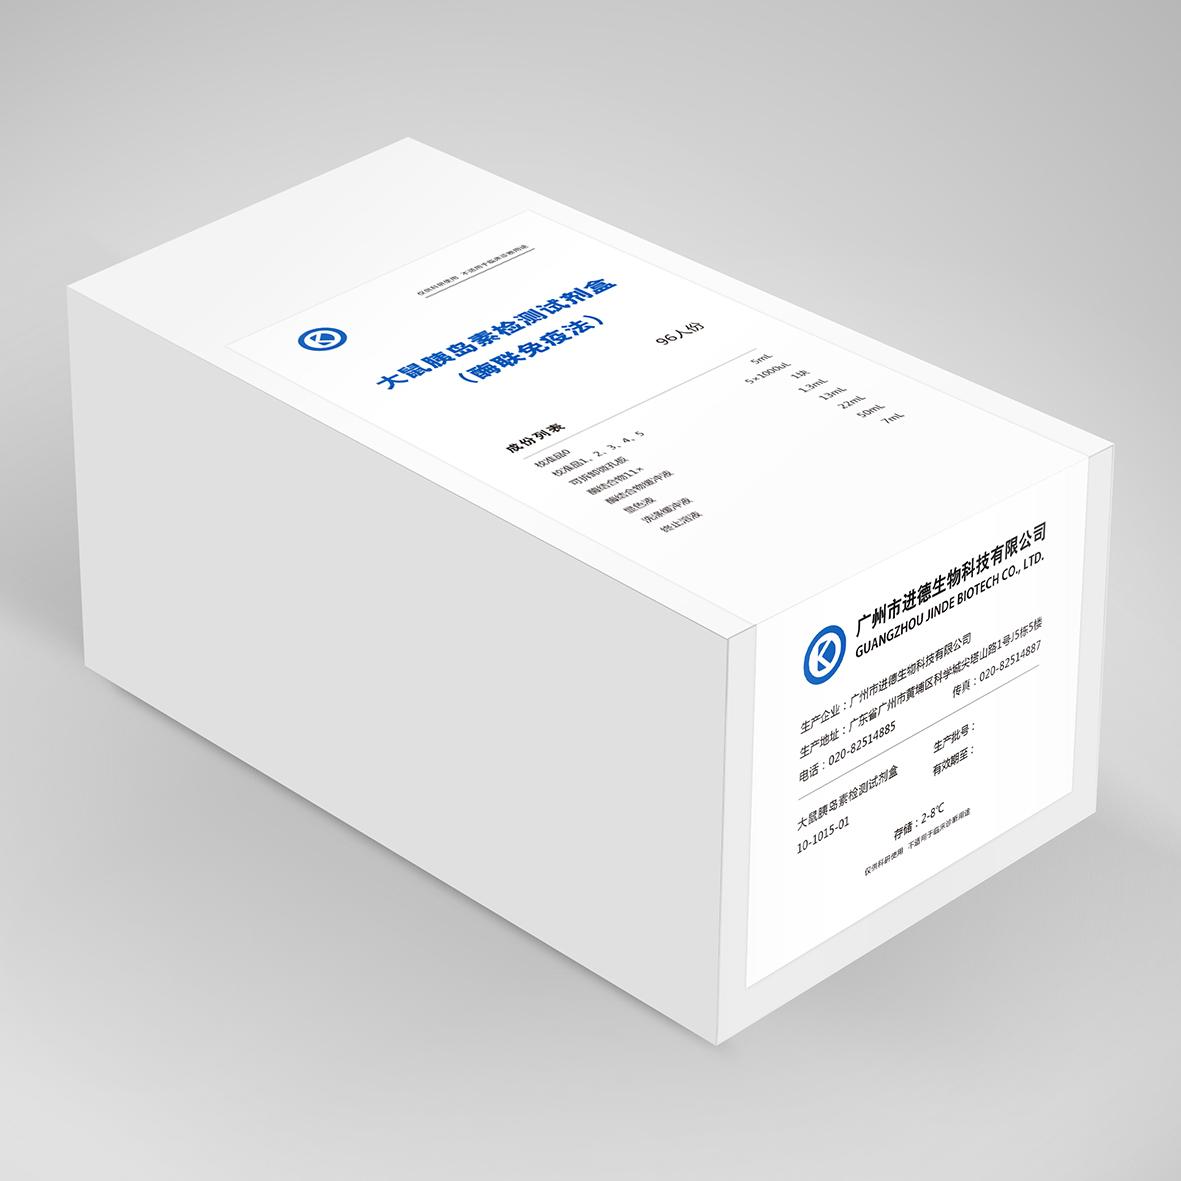 大鼠胰岛素(insulin)检测试剂盒